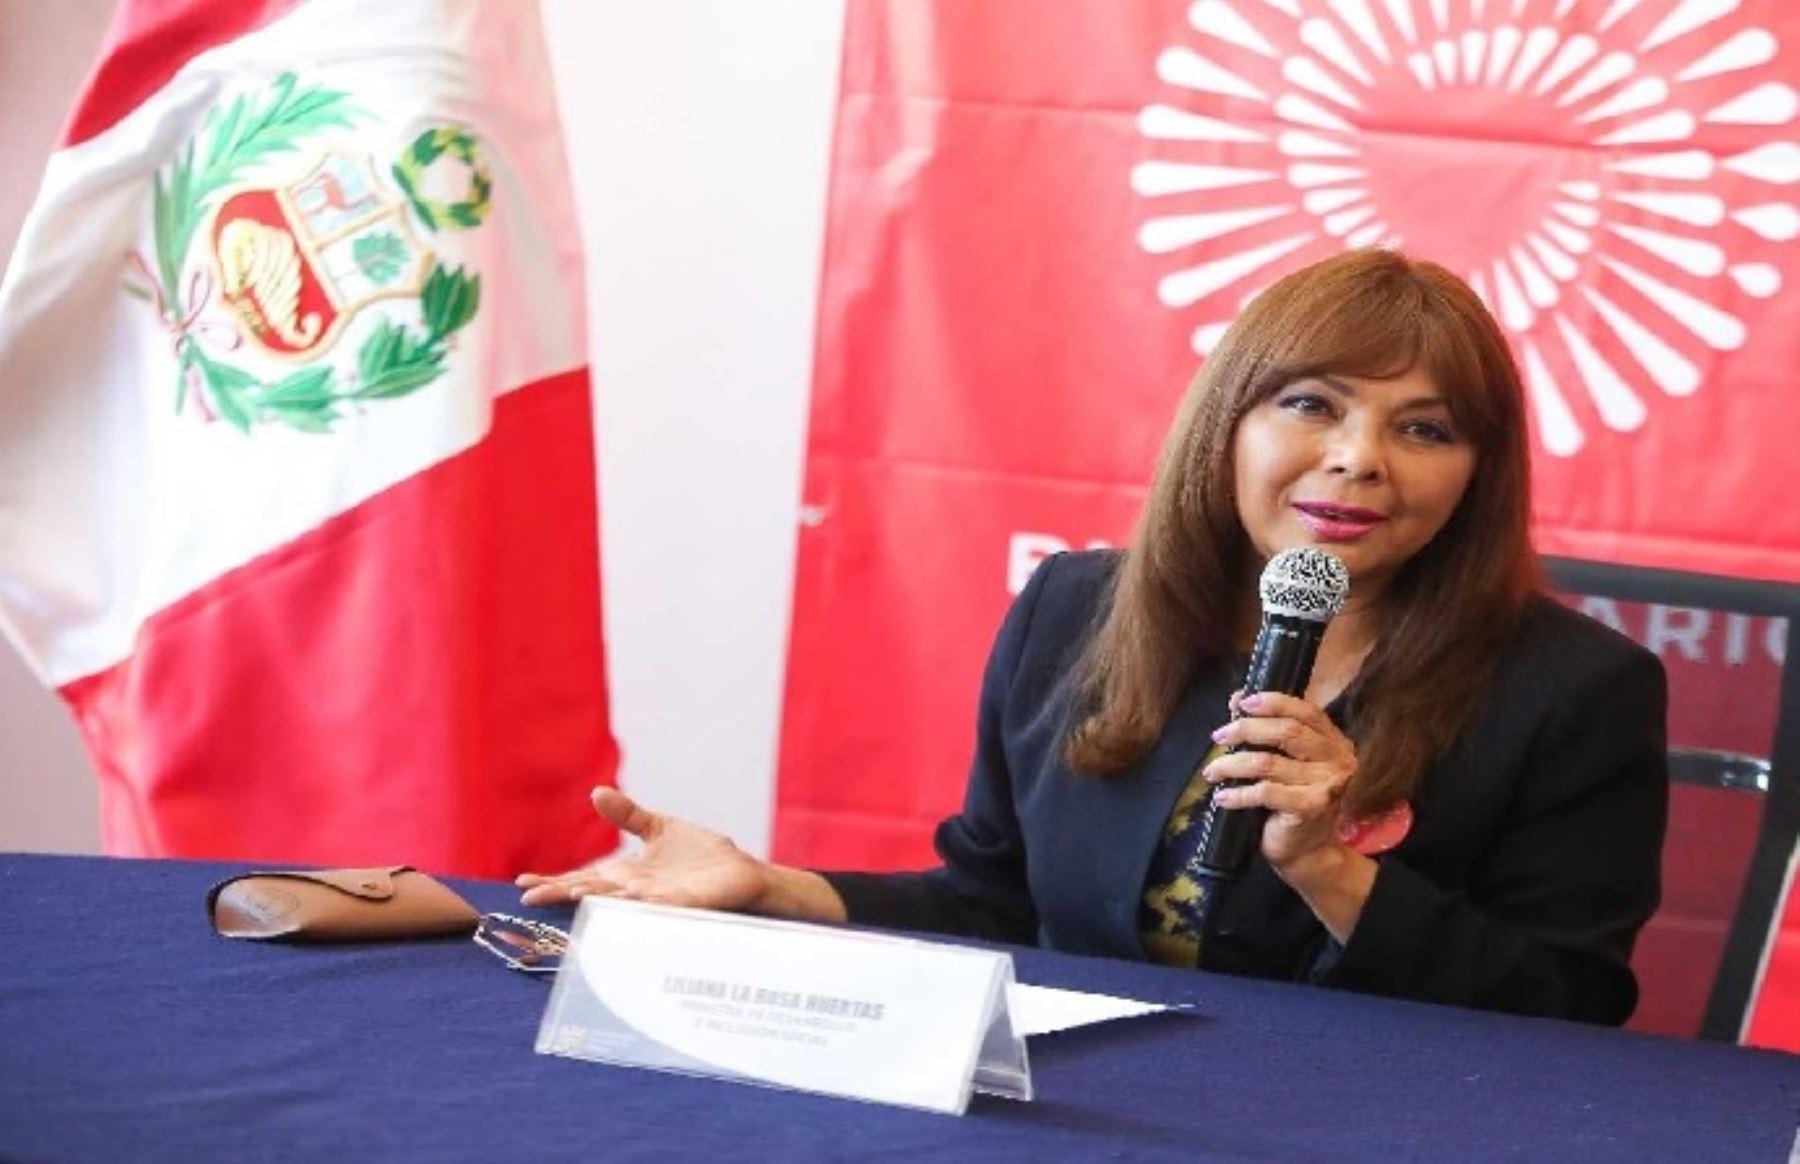 Midis inicia acercamiento con alcaldes electos de Lima-Provincias